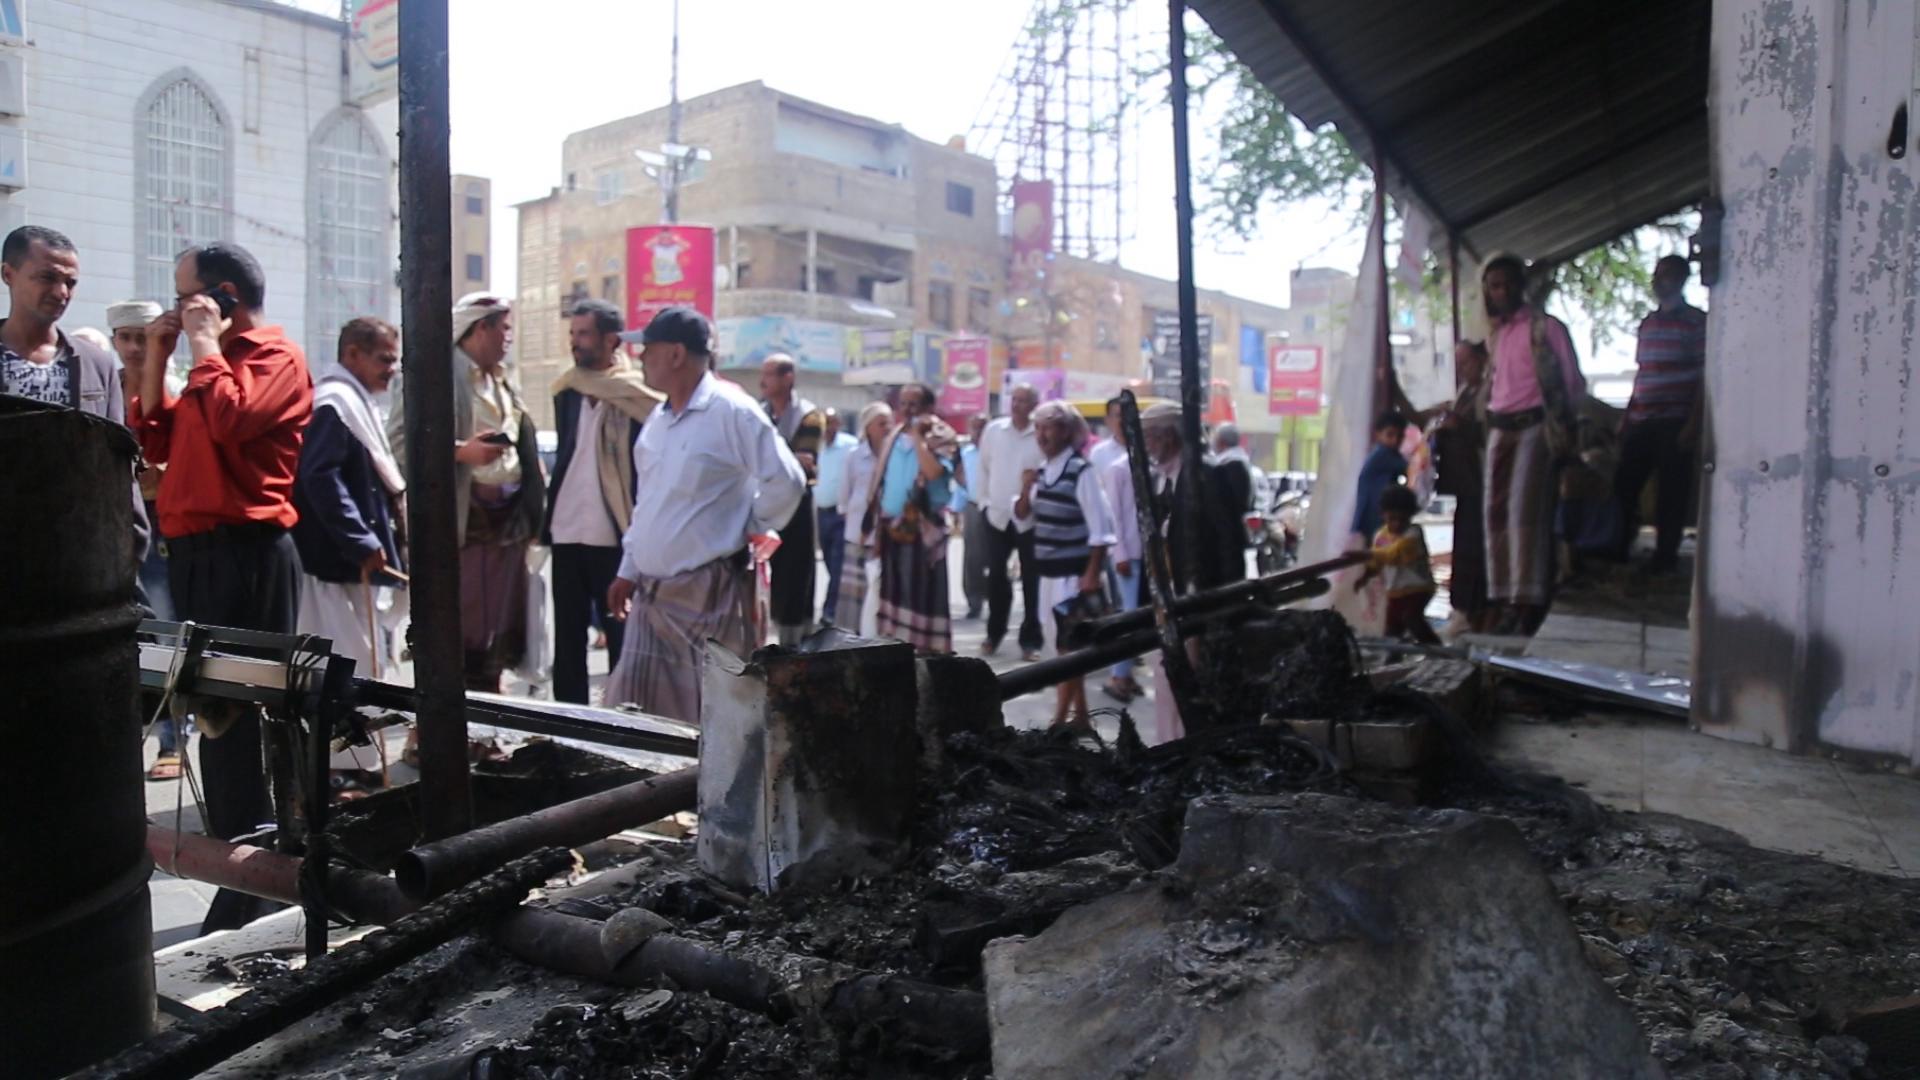 تعز : إحراق ساحة الحقوق والحريات ليلآ وسط منطقة مغلقة عسكريآ